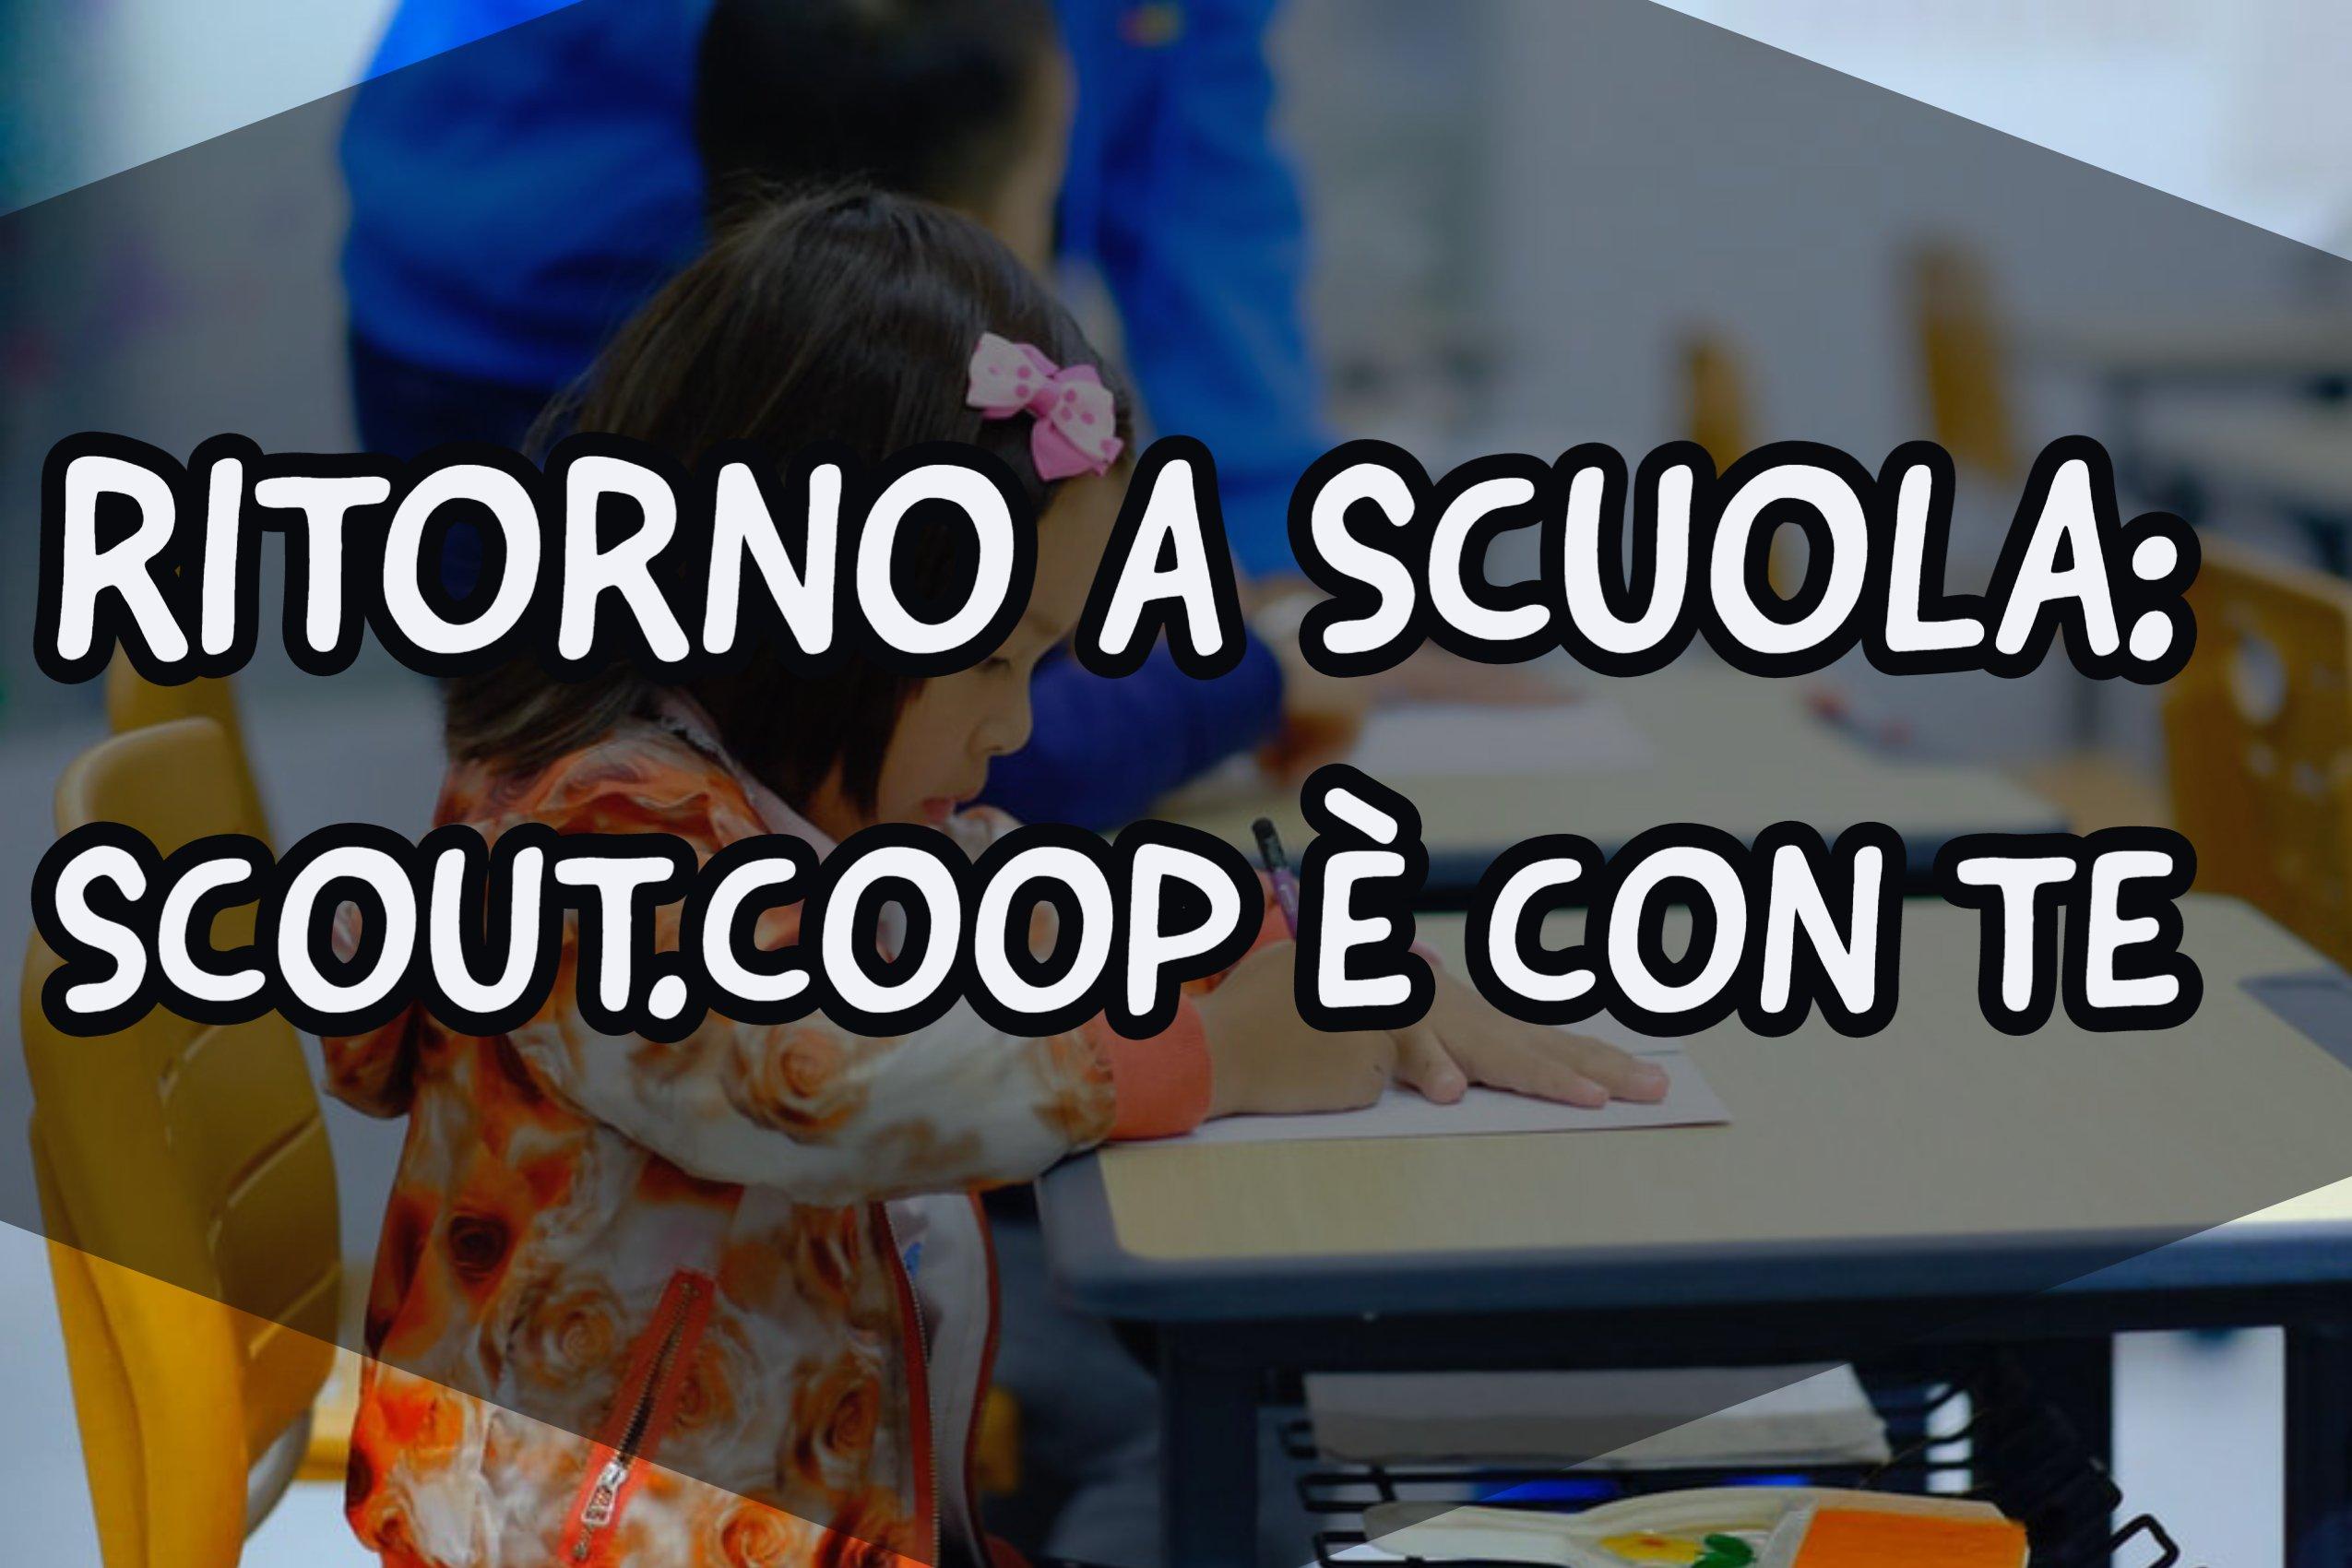 Ritorniamo a scuola: Scout.coop al tuo fianco per una scuola sicura